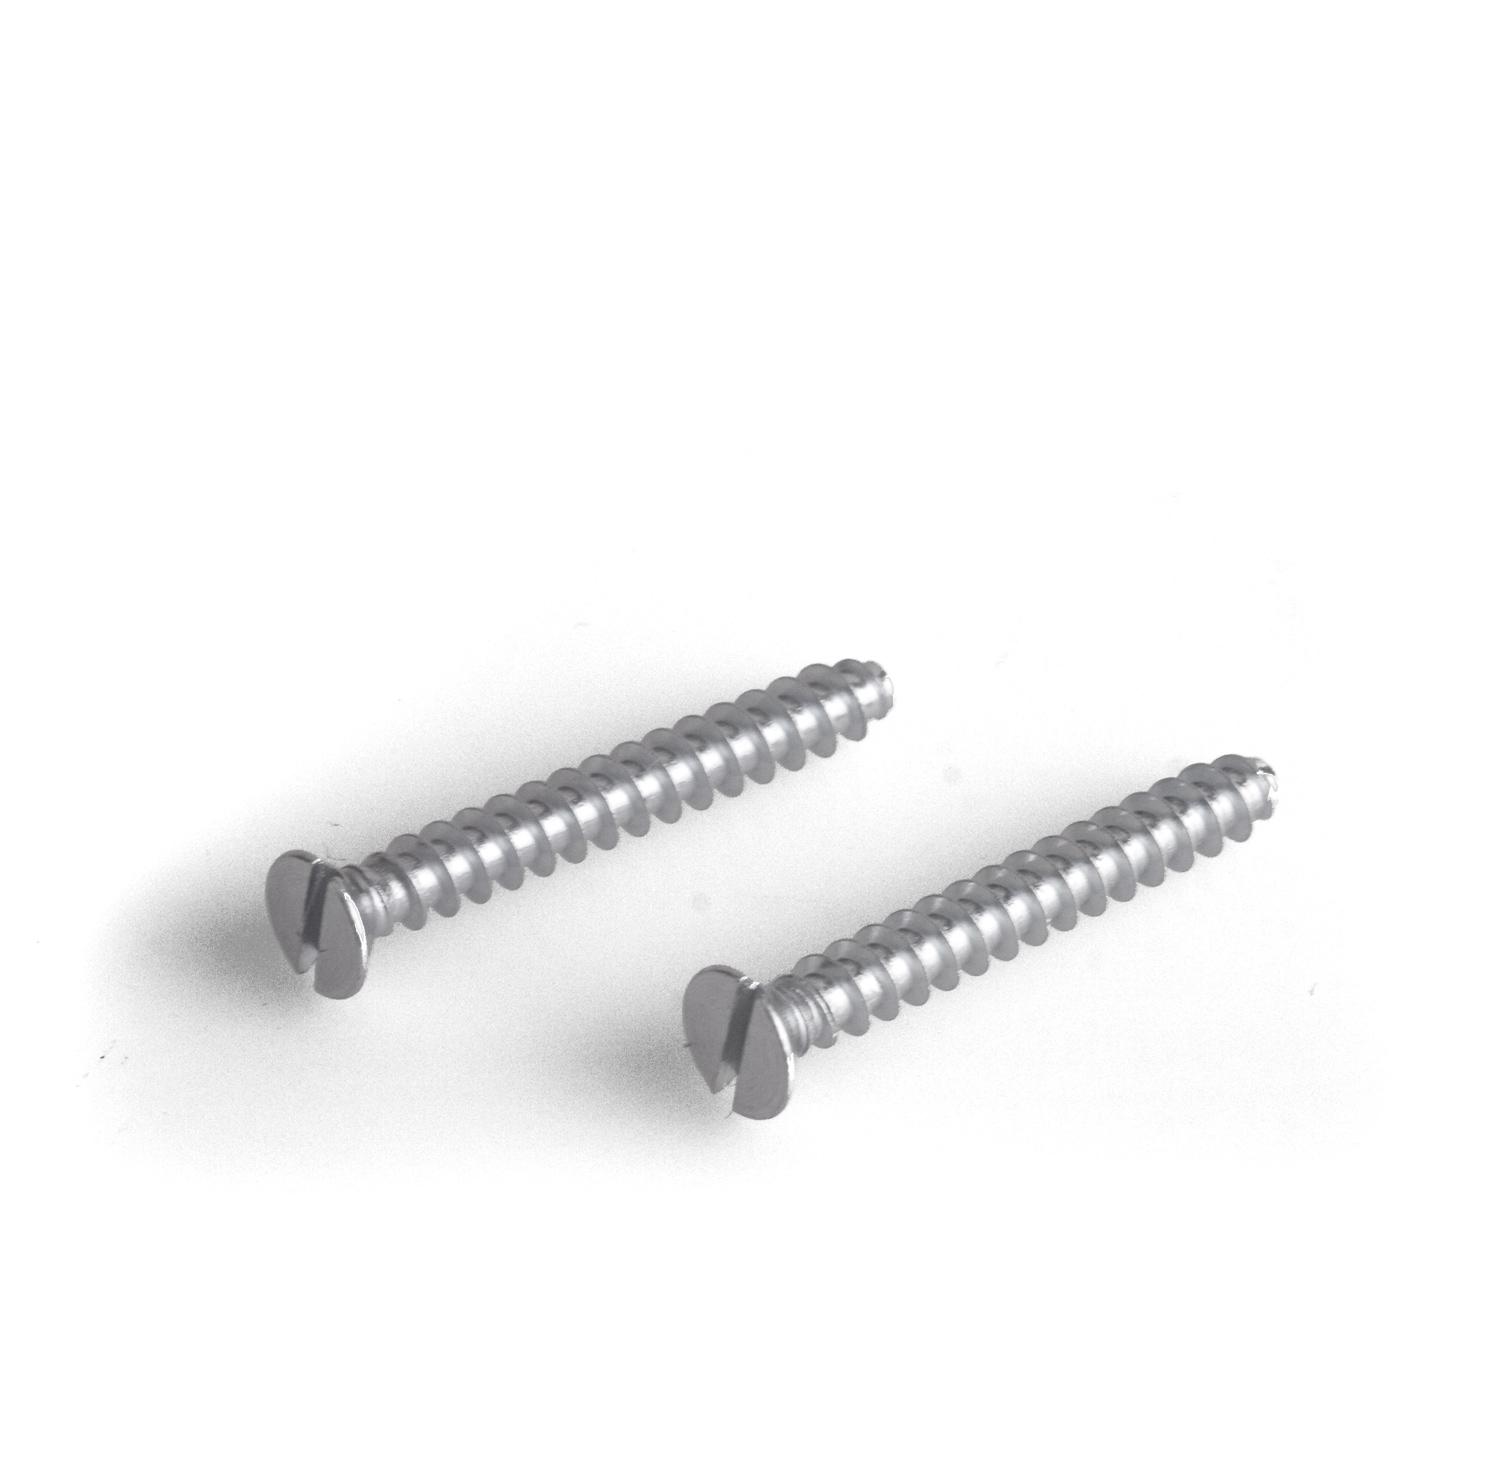 100 Stück Geräteschrauben für Schalterdosen NEU 25mm Länge